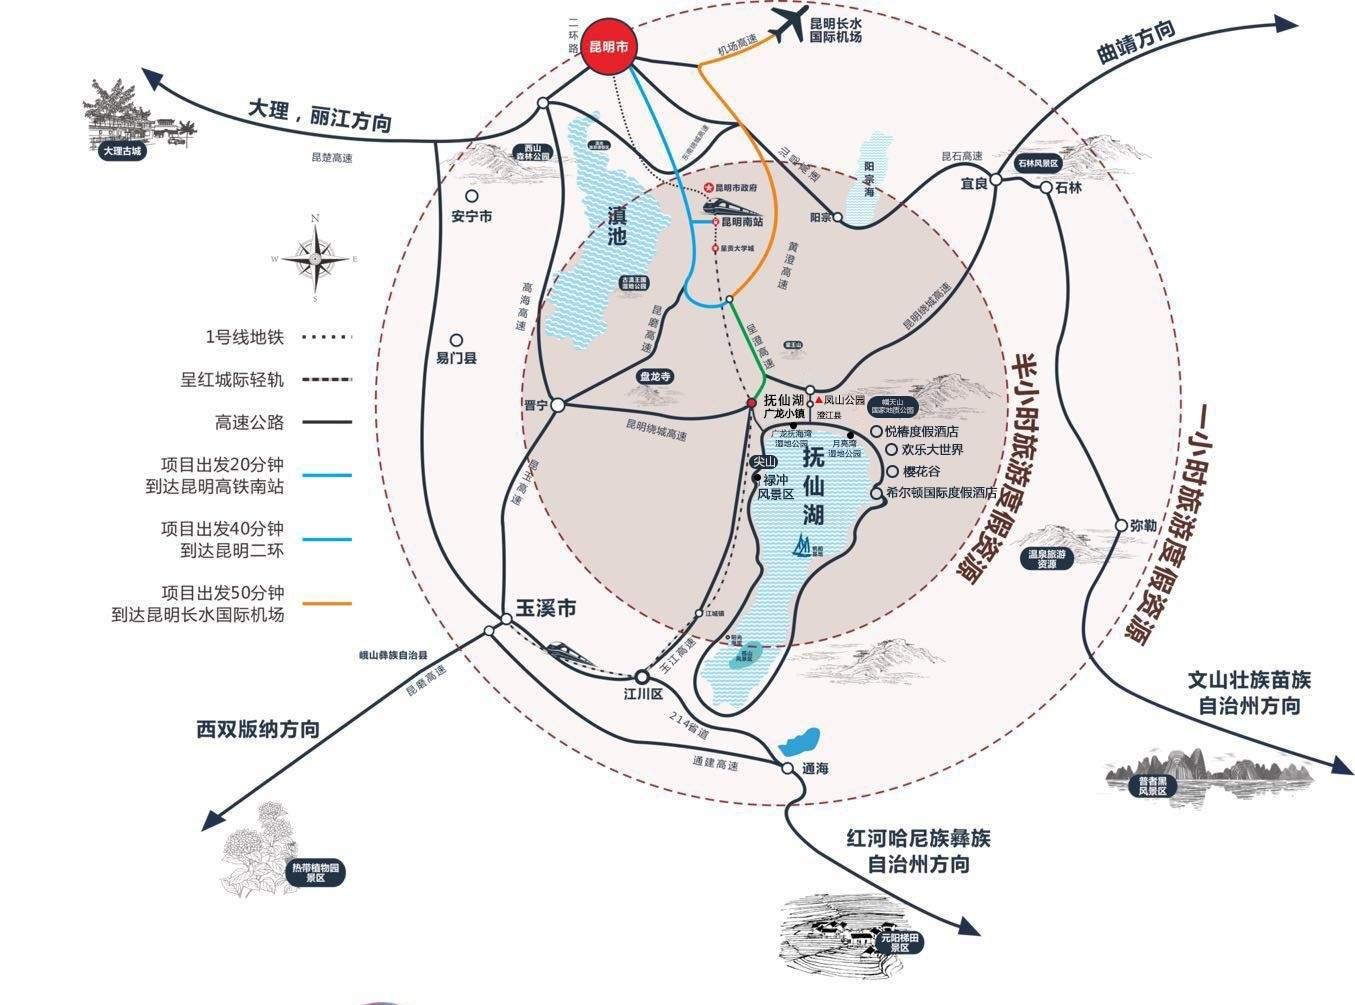 抚仙湖 广龙小镇位置图